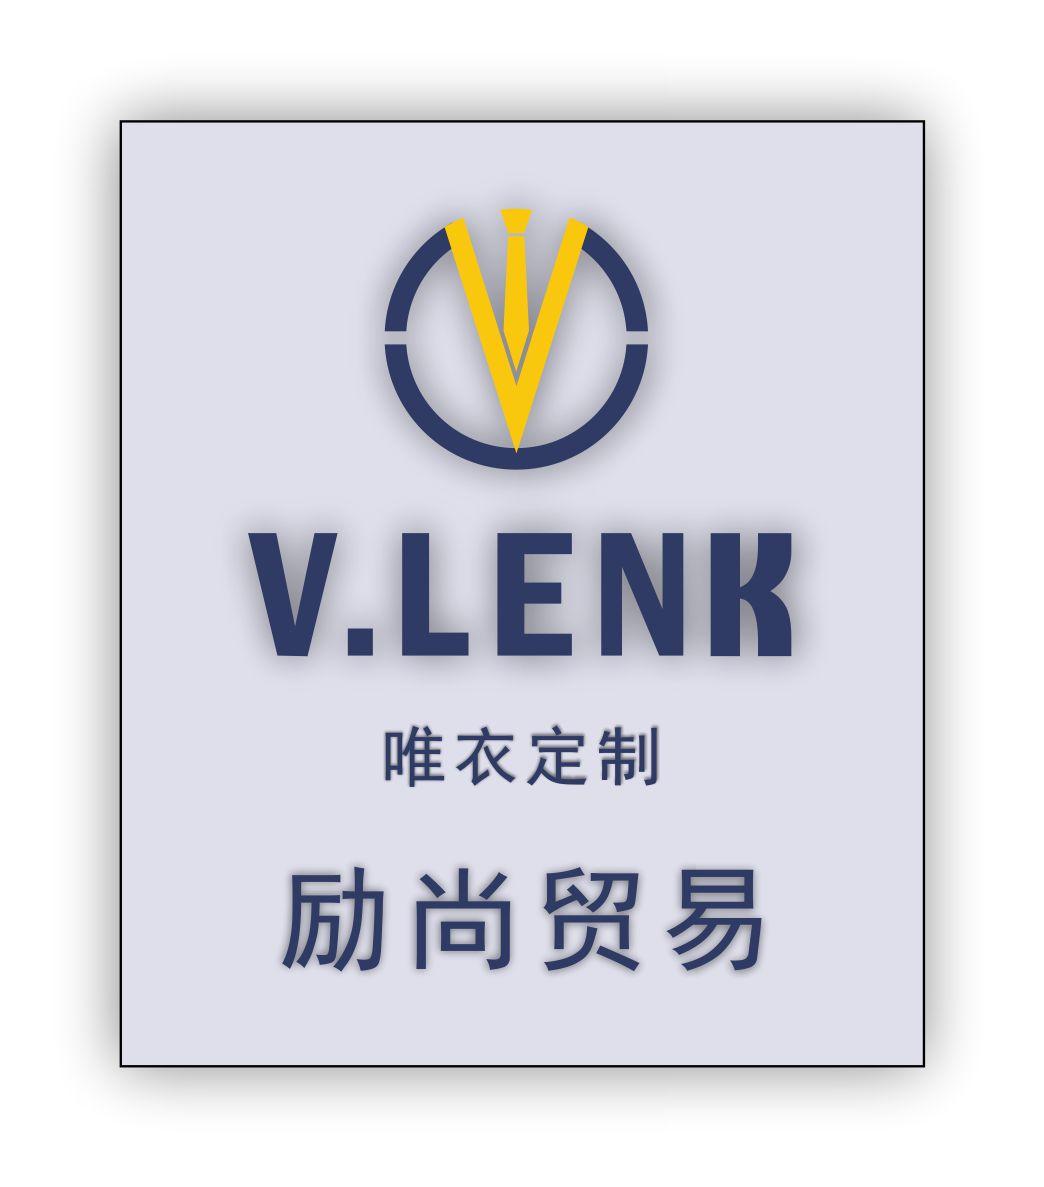 廣州市勵尚貿易有限公司Logo